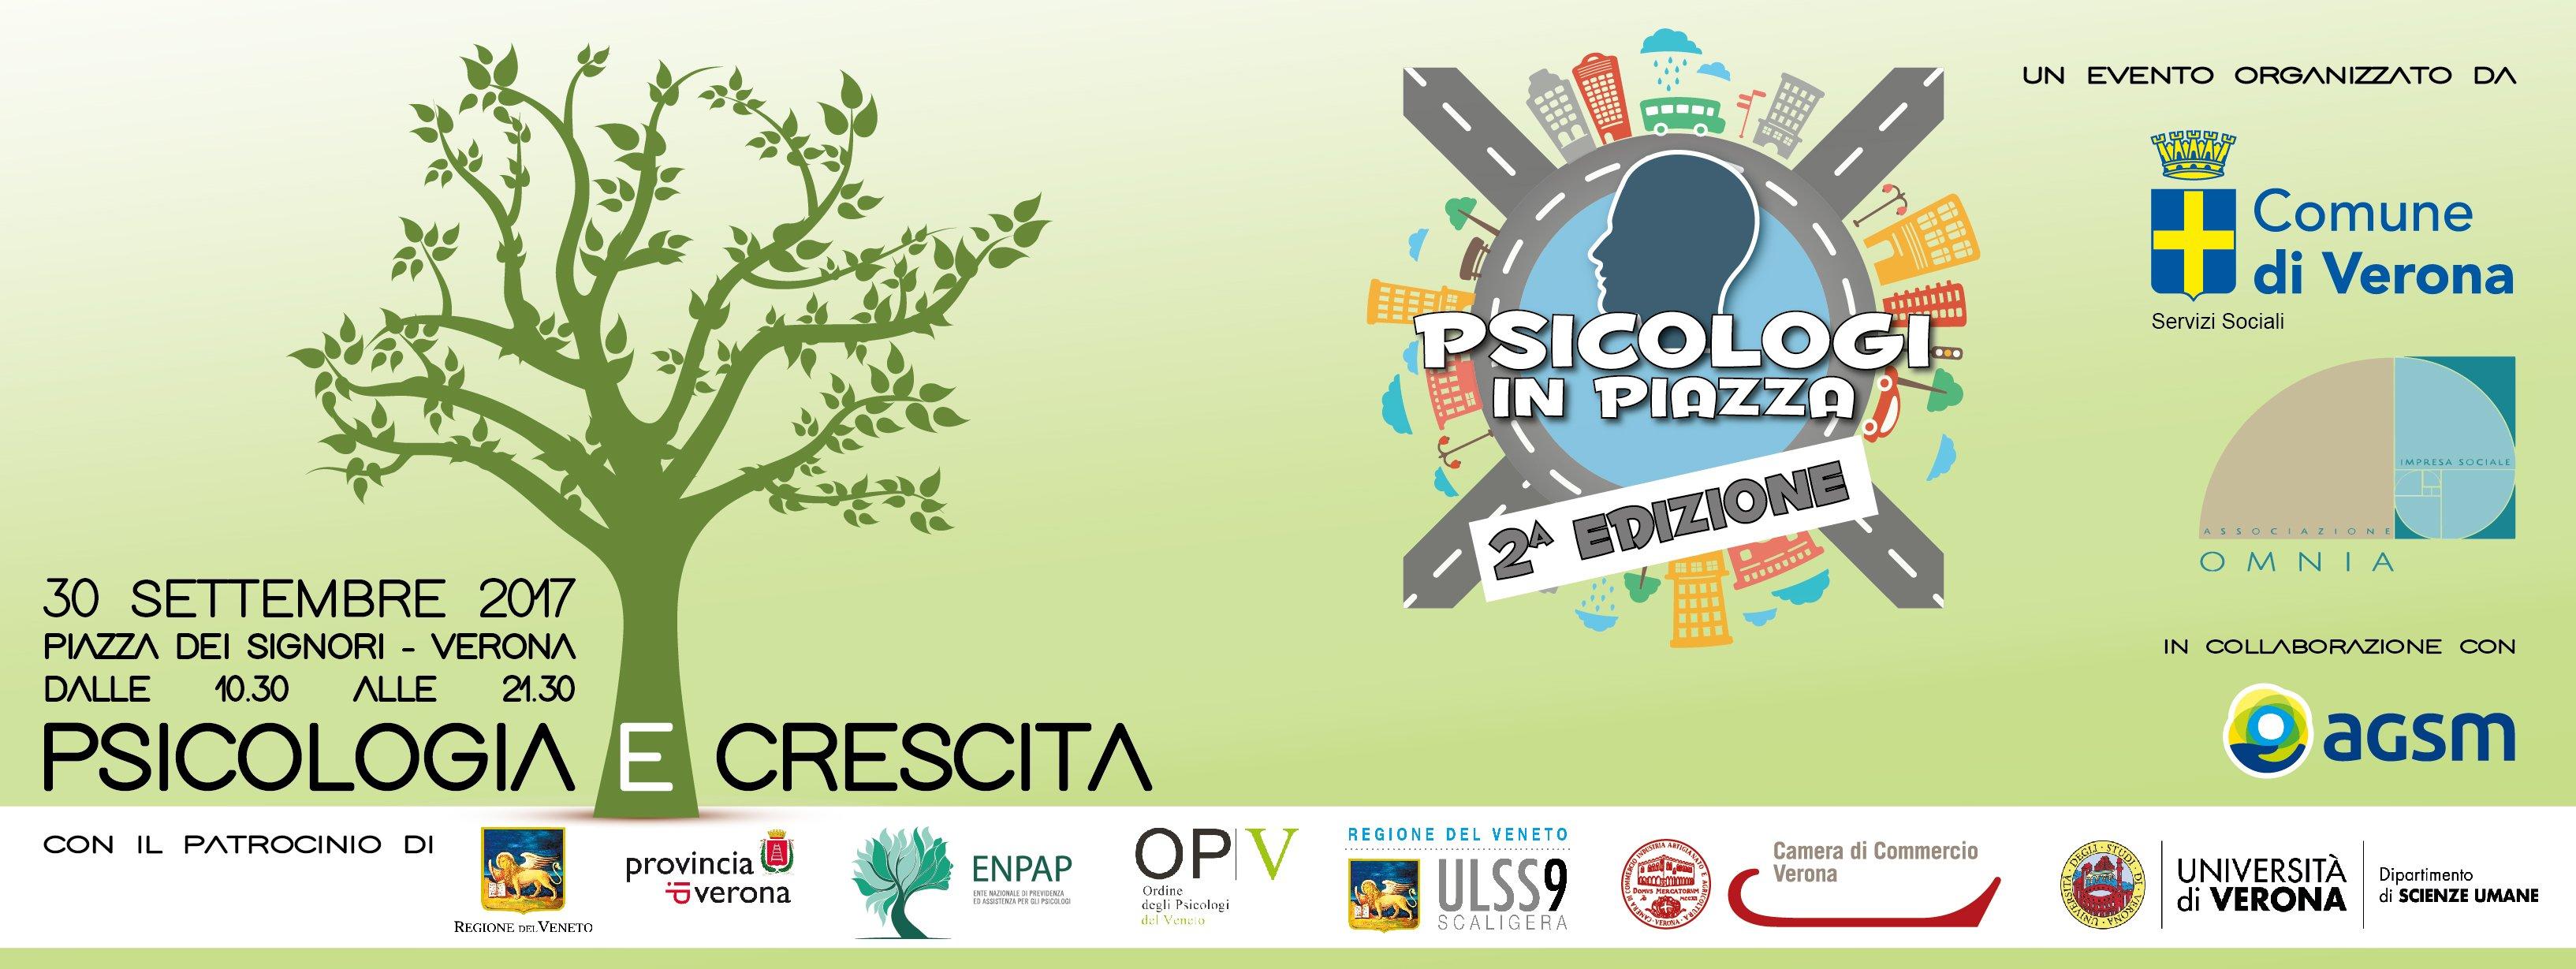 Psicologi in Piazza Verona 2017 lungo